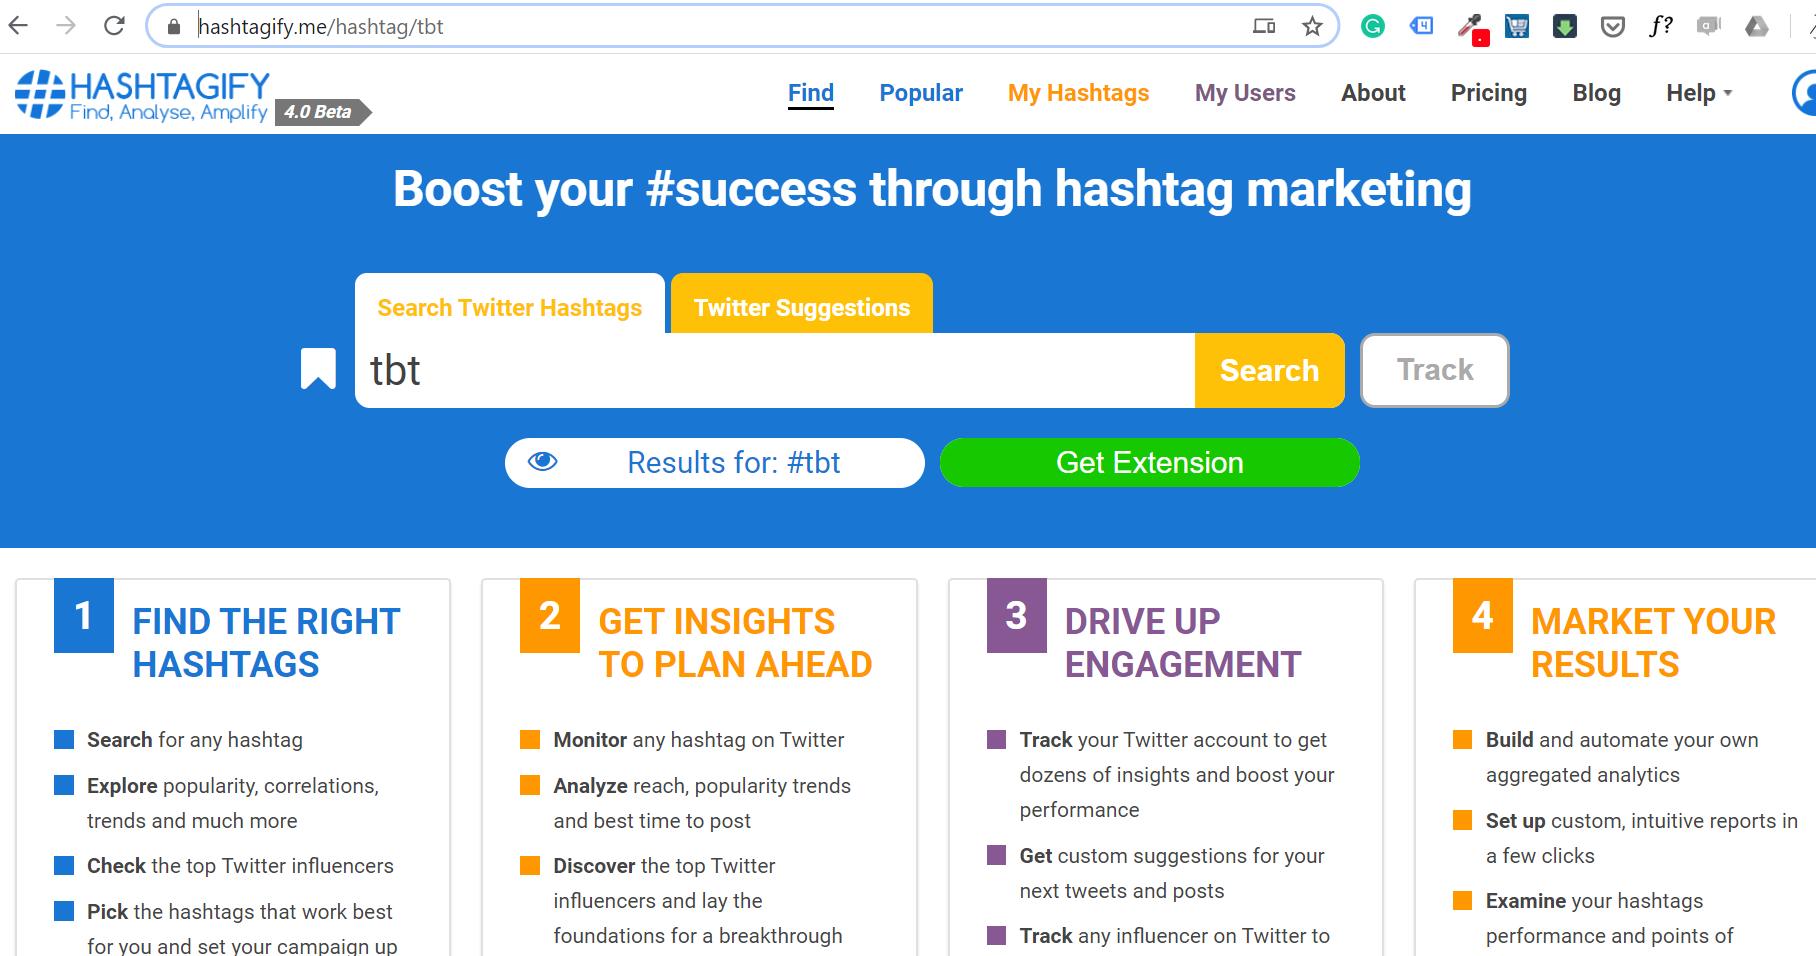 Hashtagify me